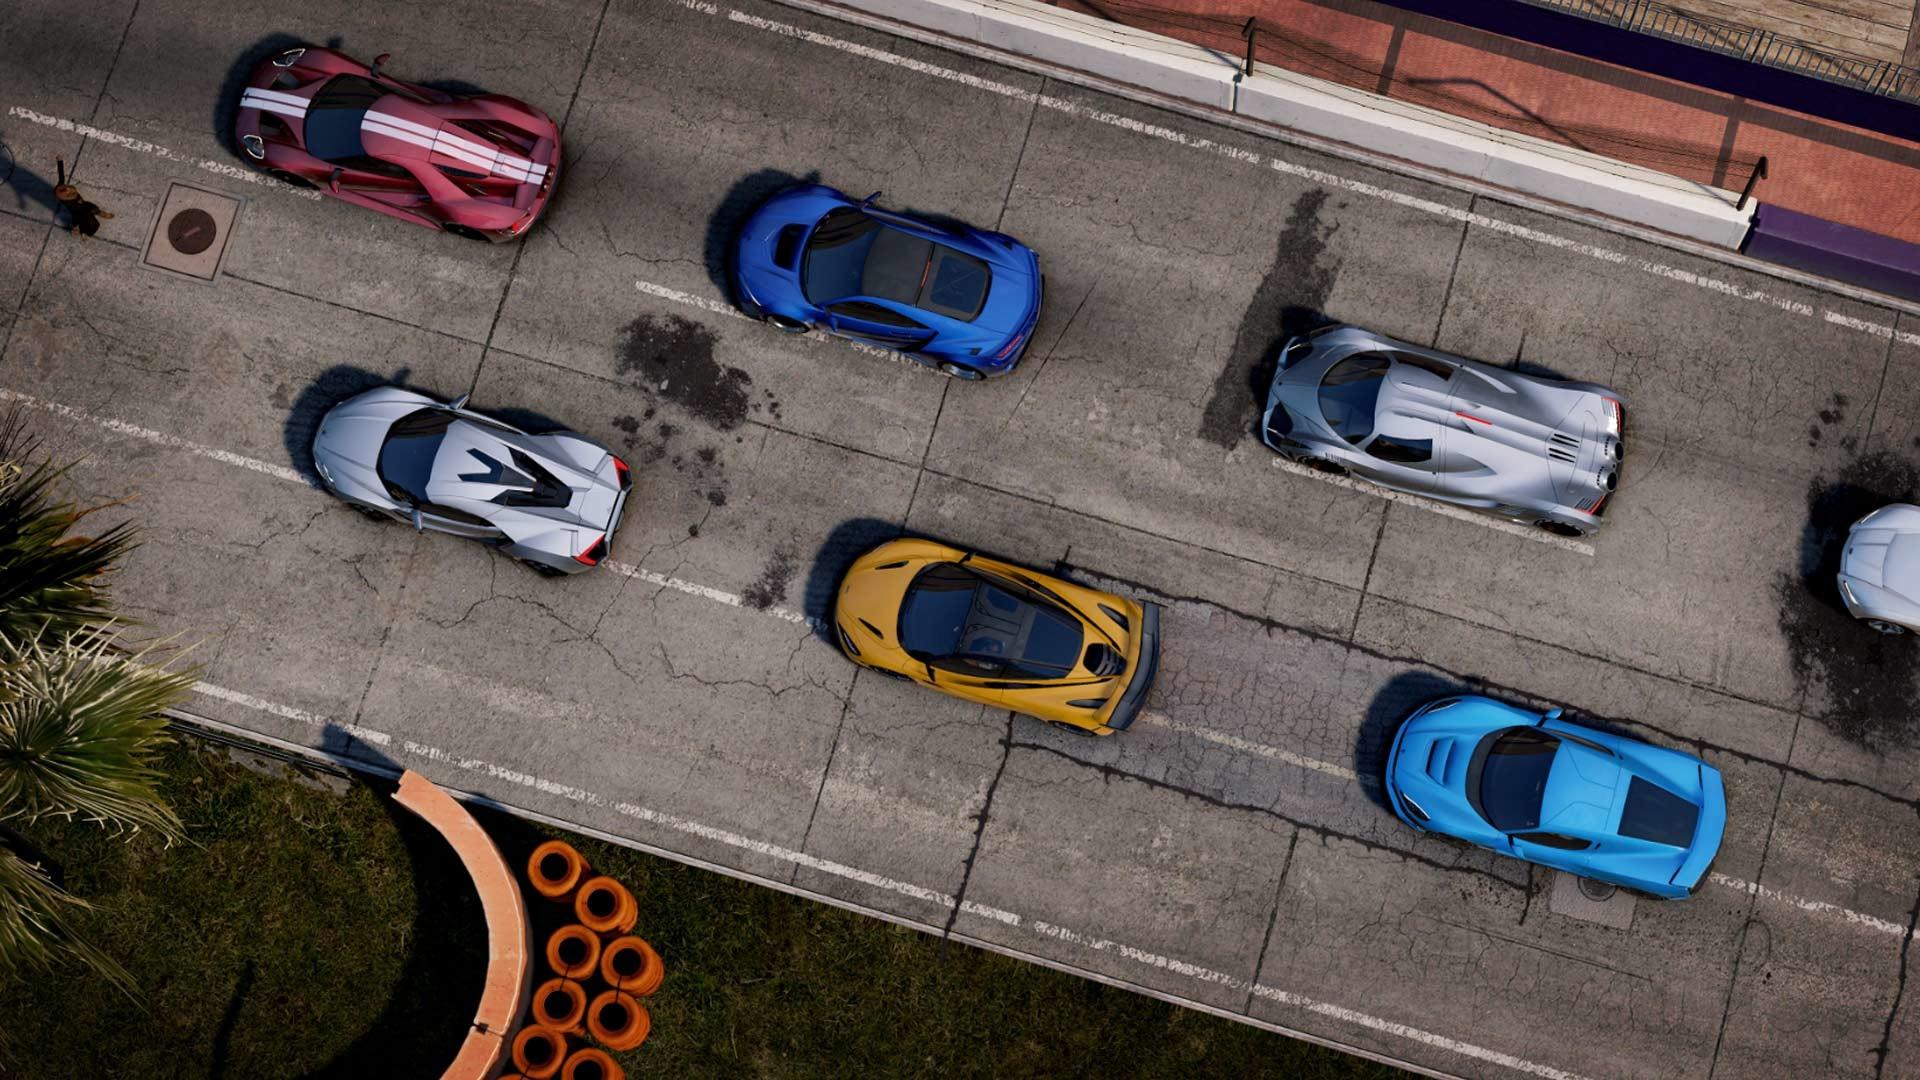 速度与激情:十字路口图片